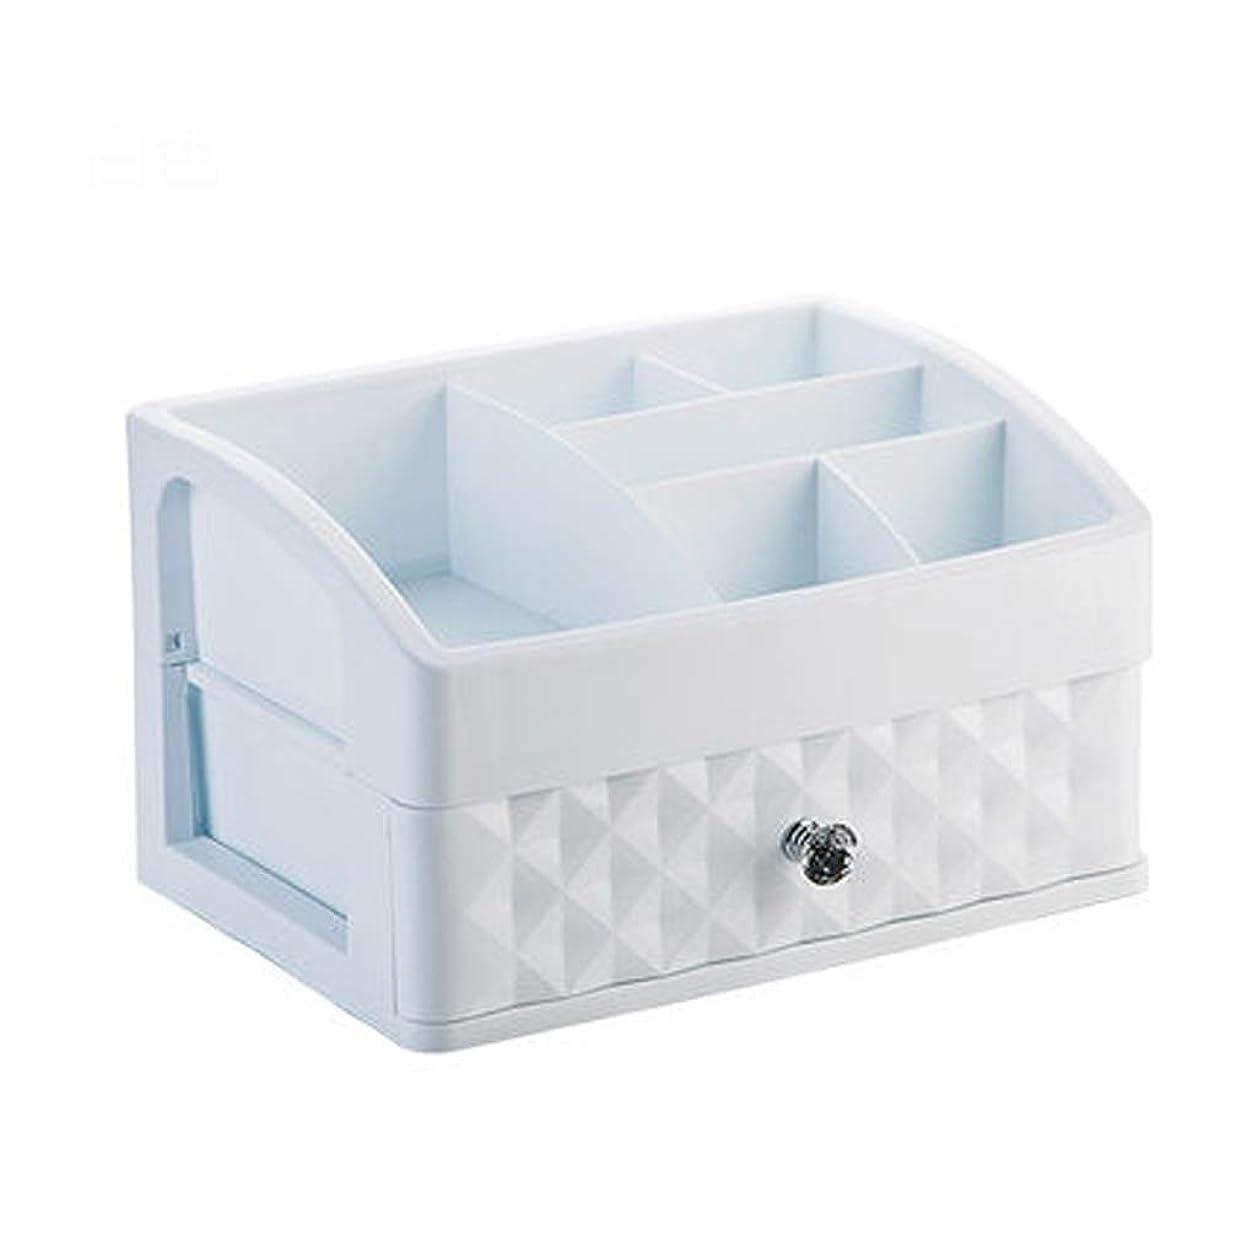 かけがえのないドロップ盆プラスチックシンプルな化粧品収納ボックスデスクトップ口紅ジュエリースキンケア製品収納ディスプレイボックス27.3 * 19.6 * 15.7 cm(色:白)